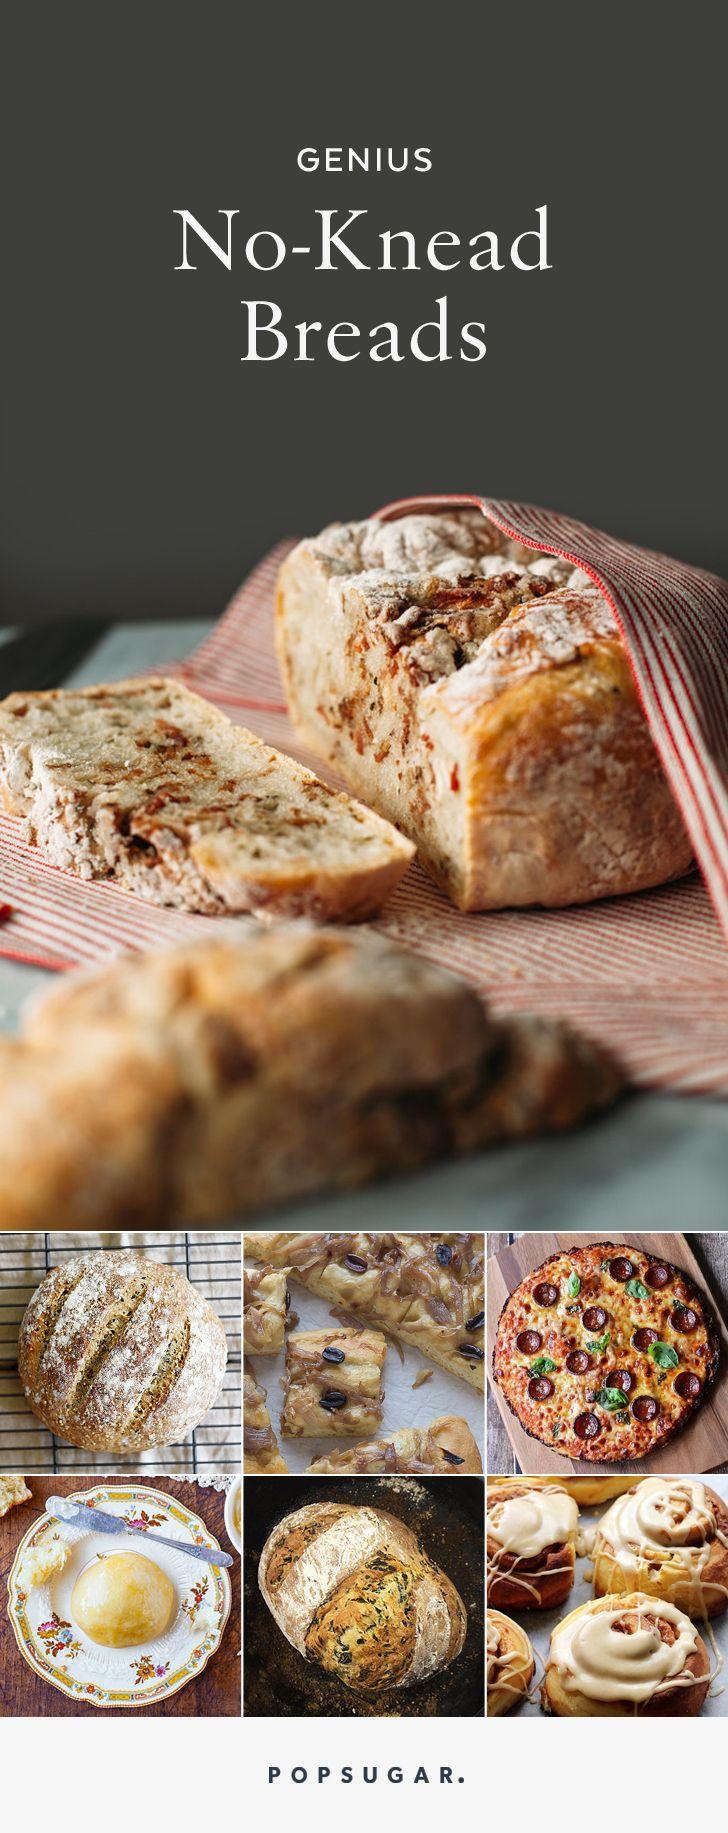 16 genius variations on no-knead bread